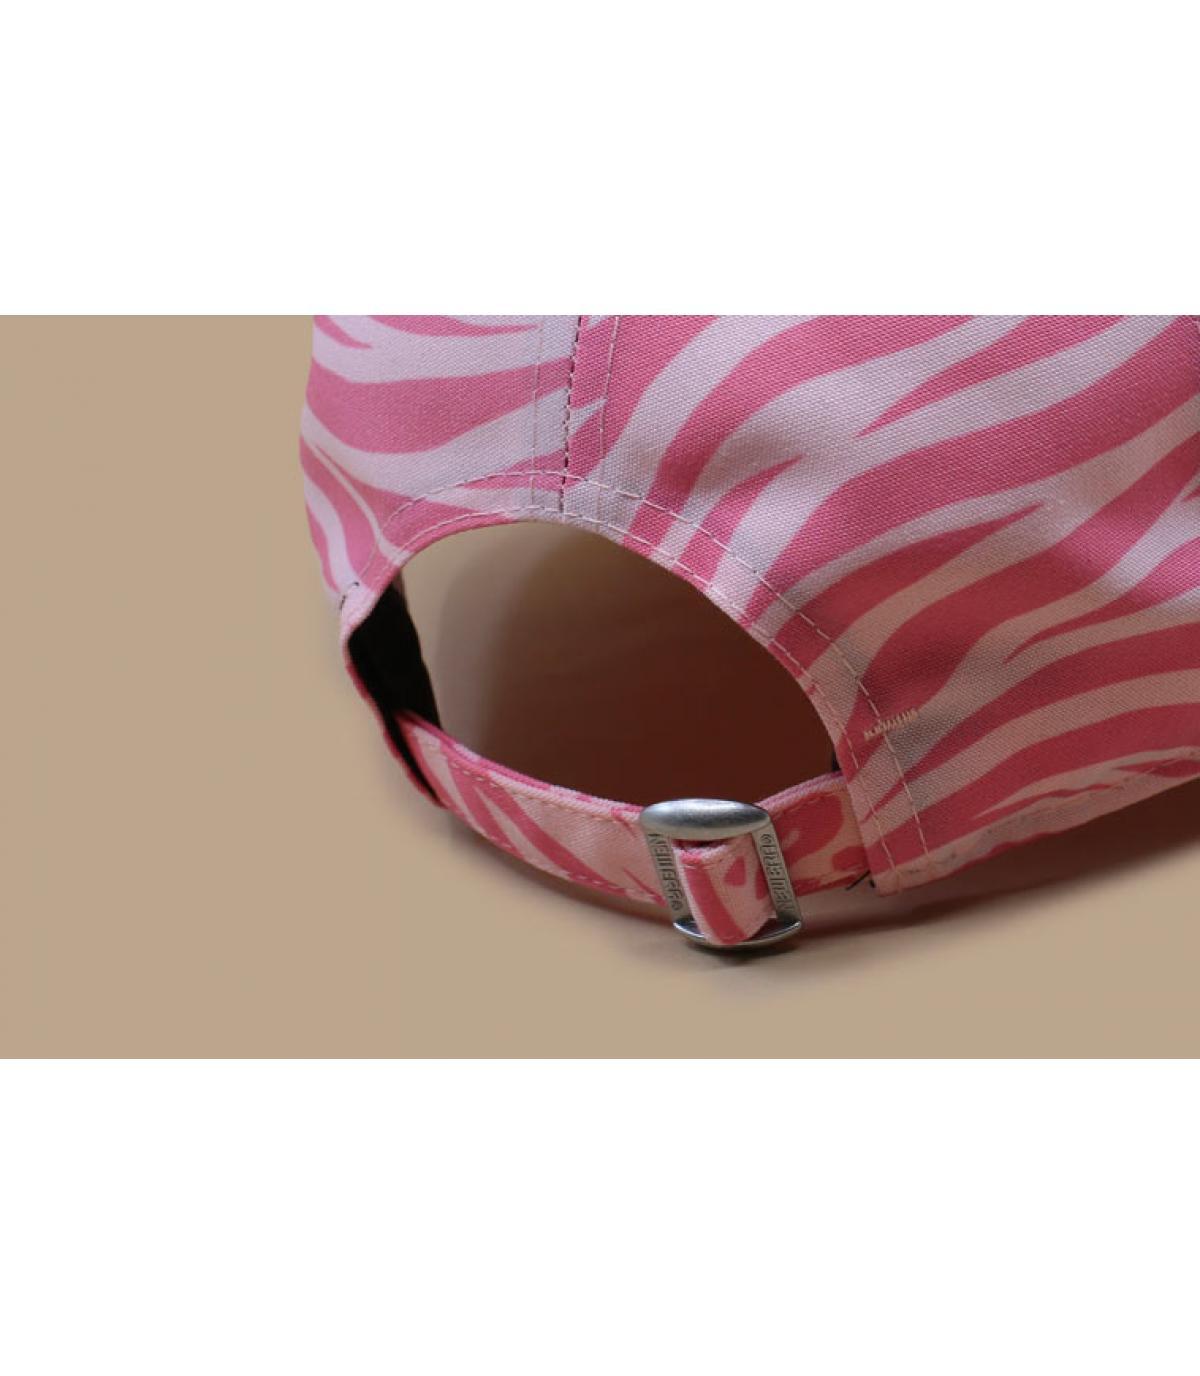 Détails Casquette Wmns Fashion NY pink - image 5